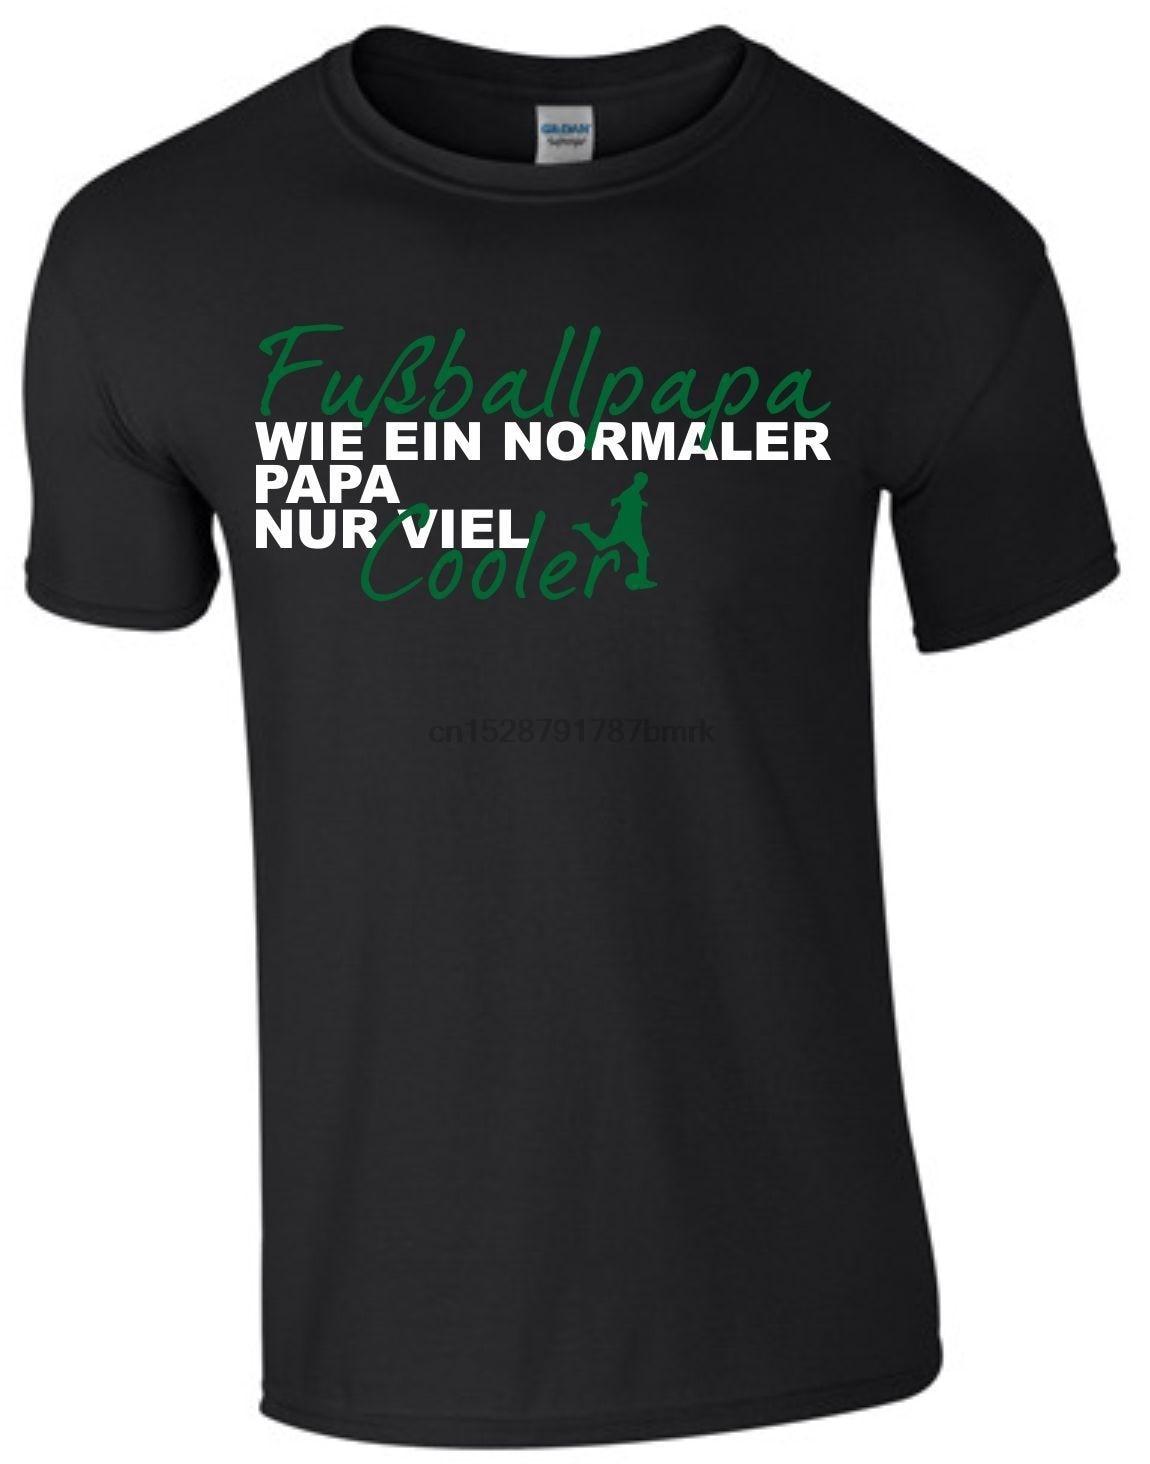 2019 Fashion Hot sale Fubball Papa Vatertag Geschenk Ball Fun Shirt T-Shirt Textildruck Dad Shirt S2 tee shirt